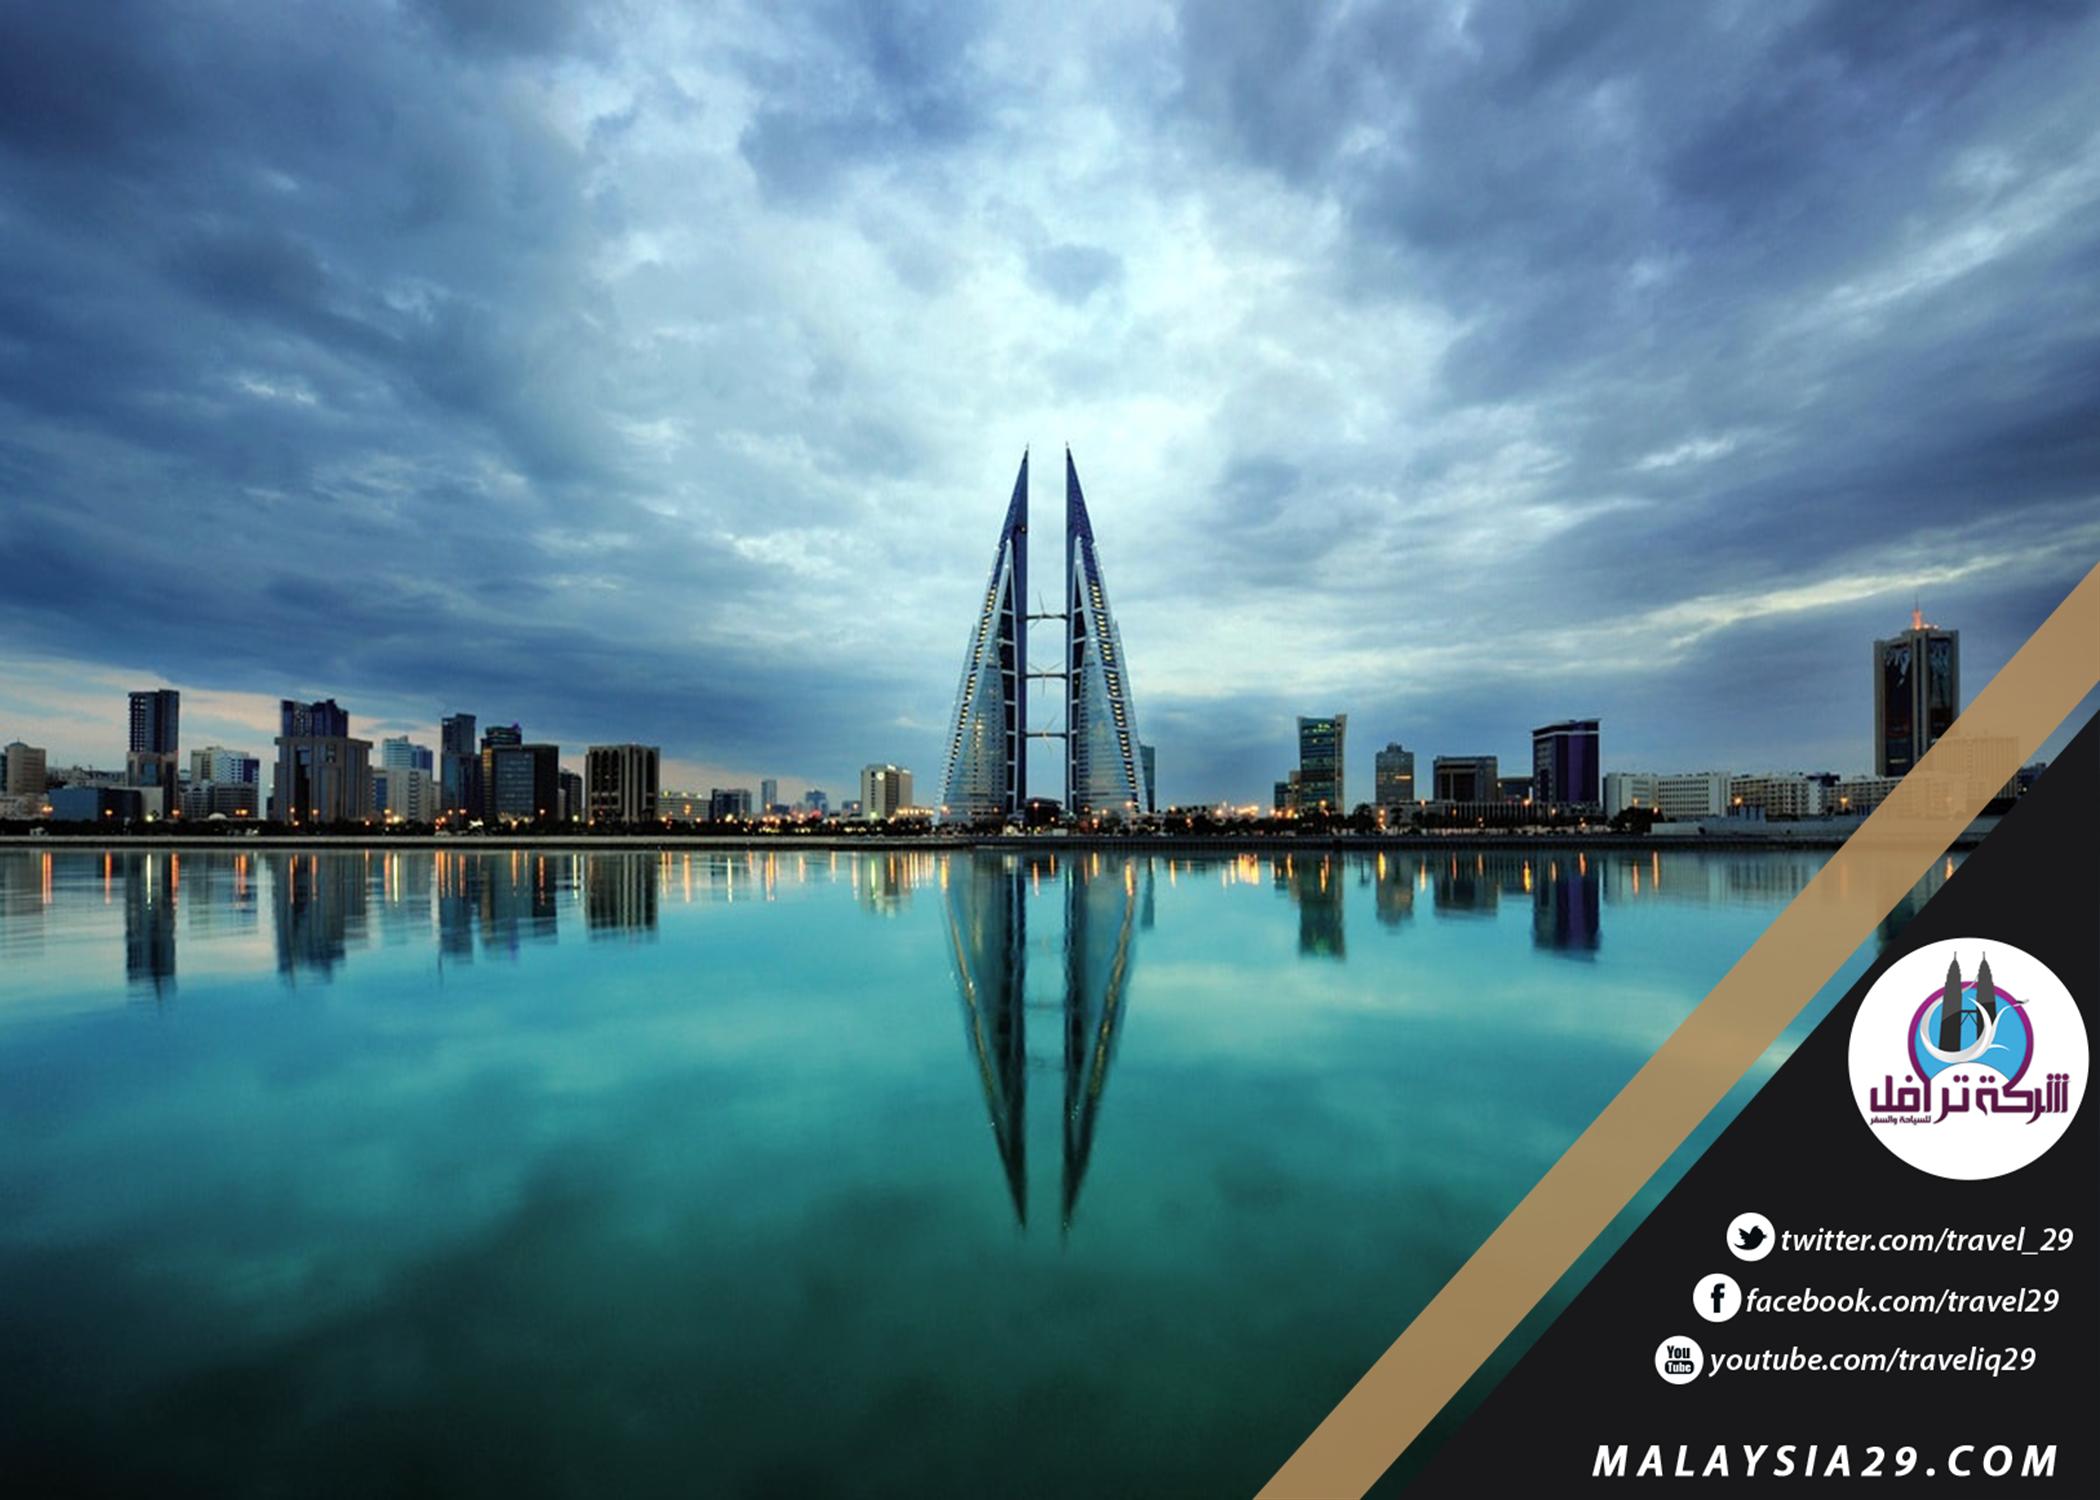 البحرين بلد الروعه والجمال بلد المليون نخلة